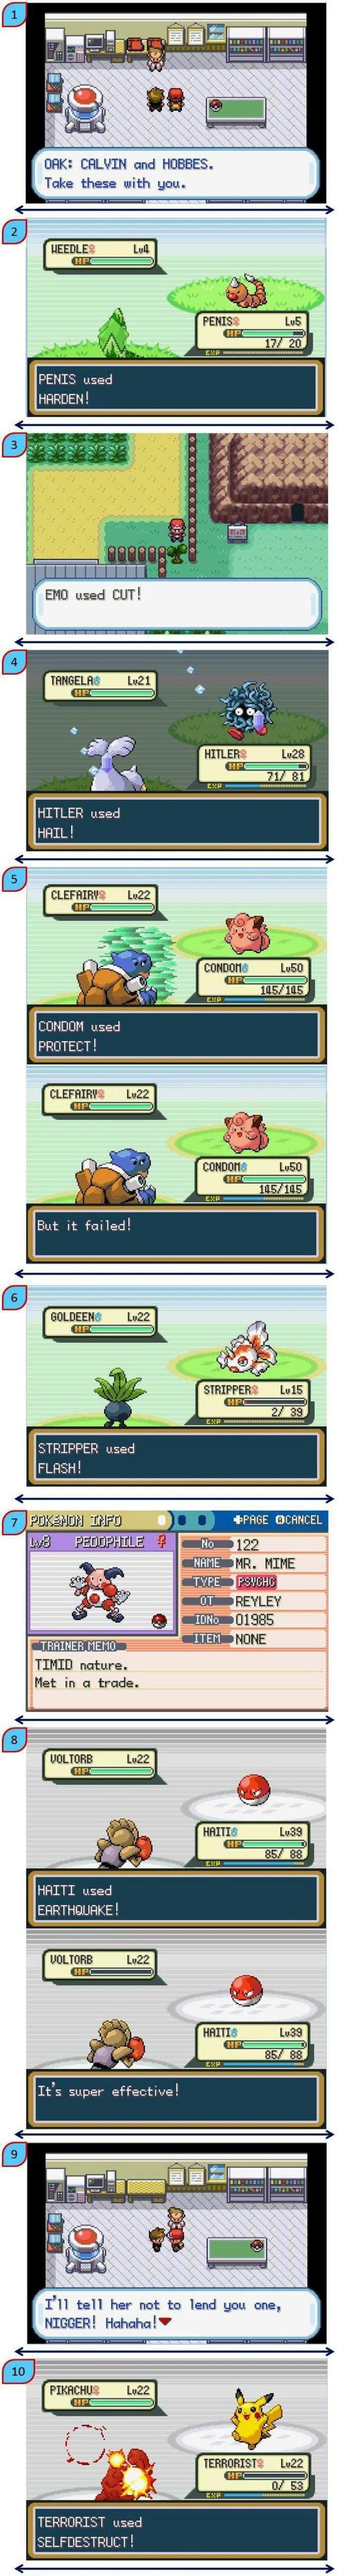 Plusieurs jeux de mots dans Pokemon.